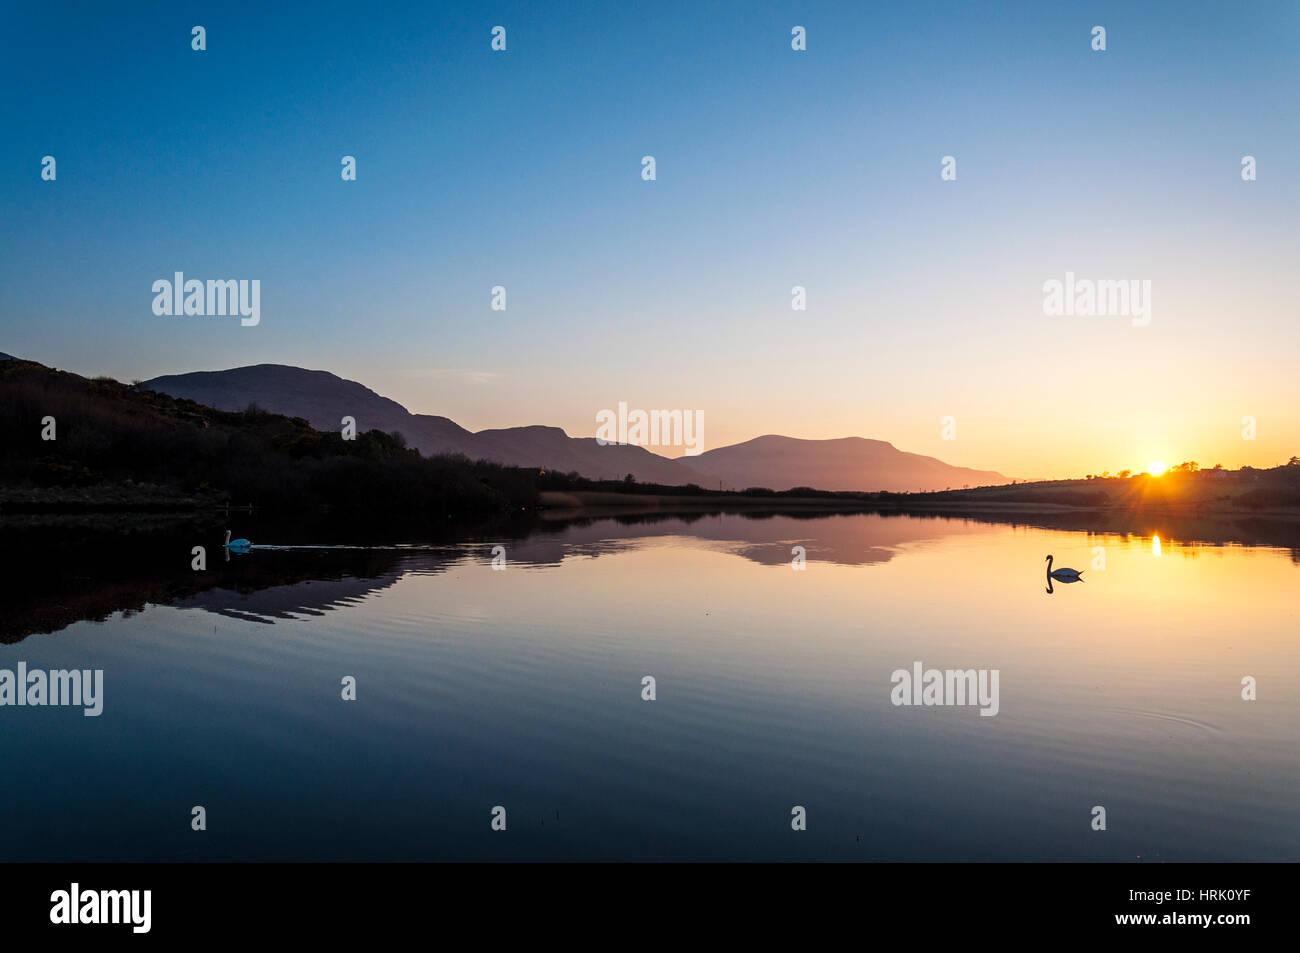 La calma atmosfera tranquilla sul lago con cigni al tramonto Immagini Stock